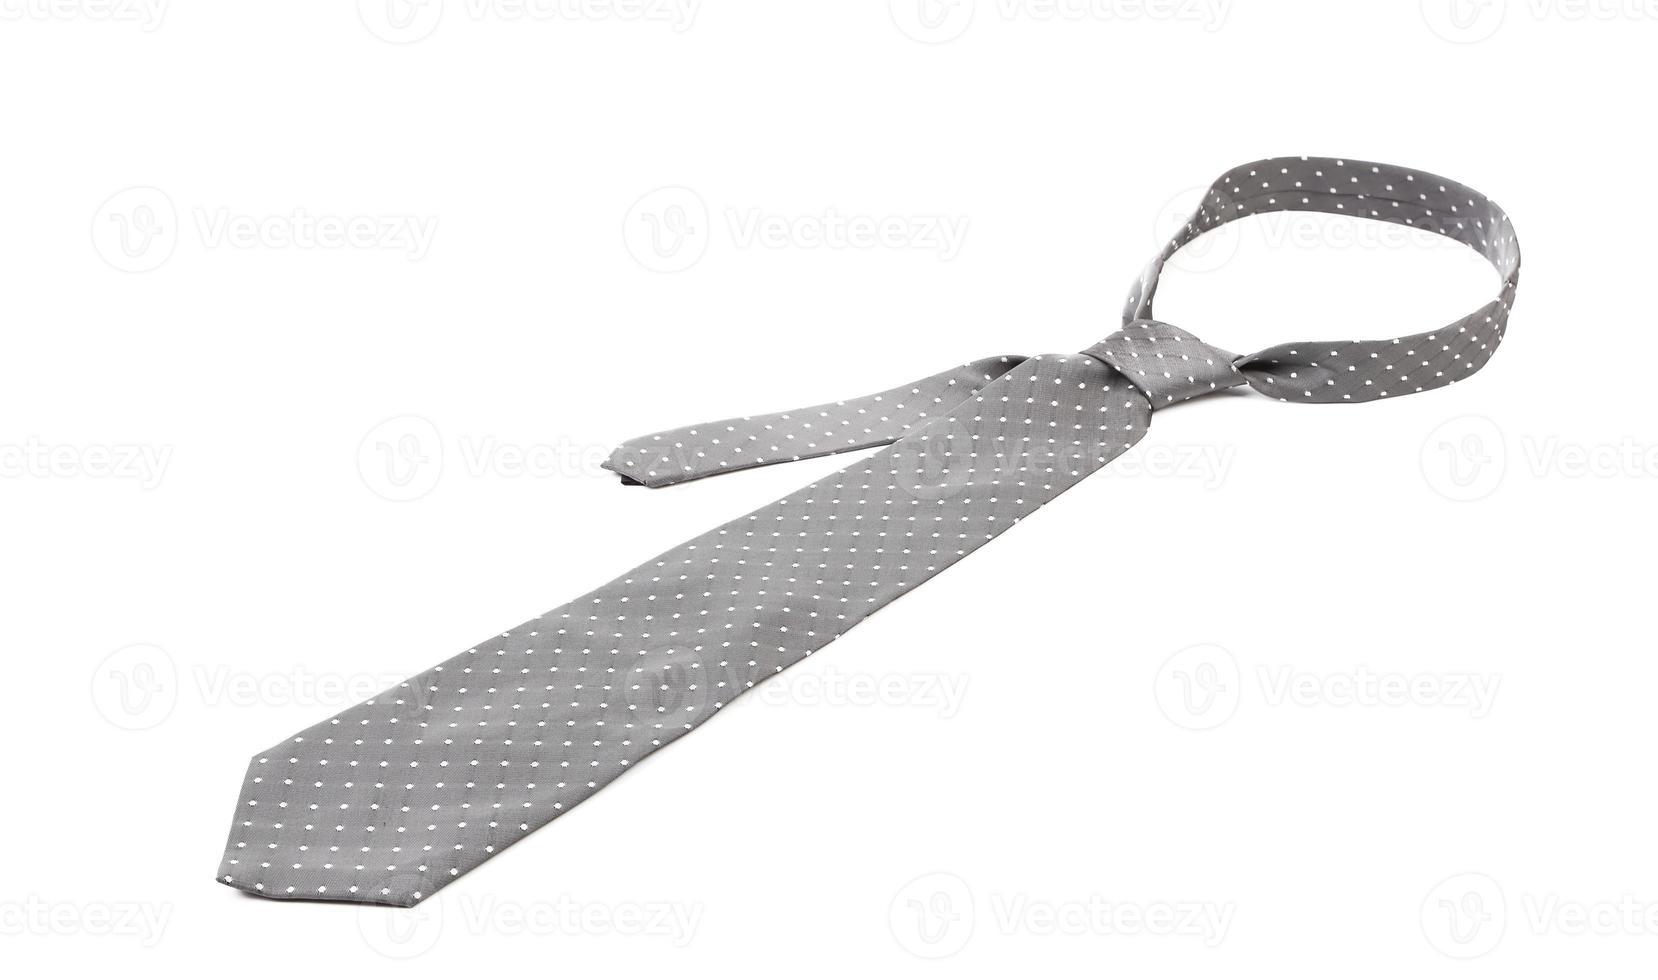 mancha corbata de cerca. foto